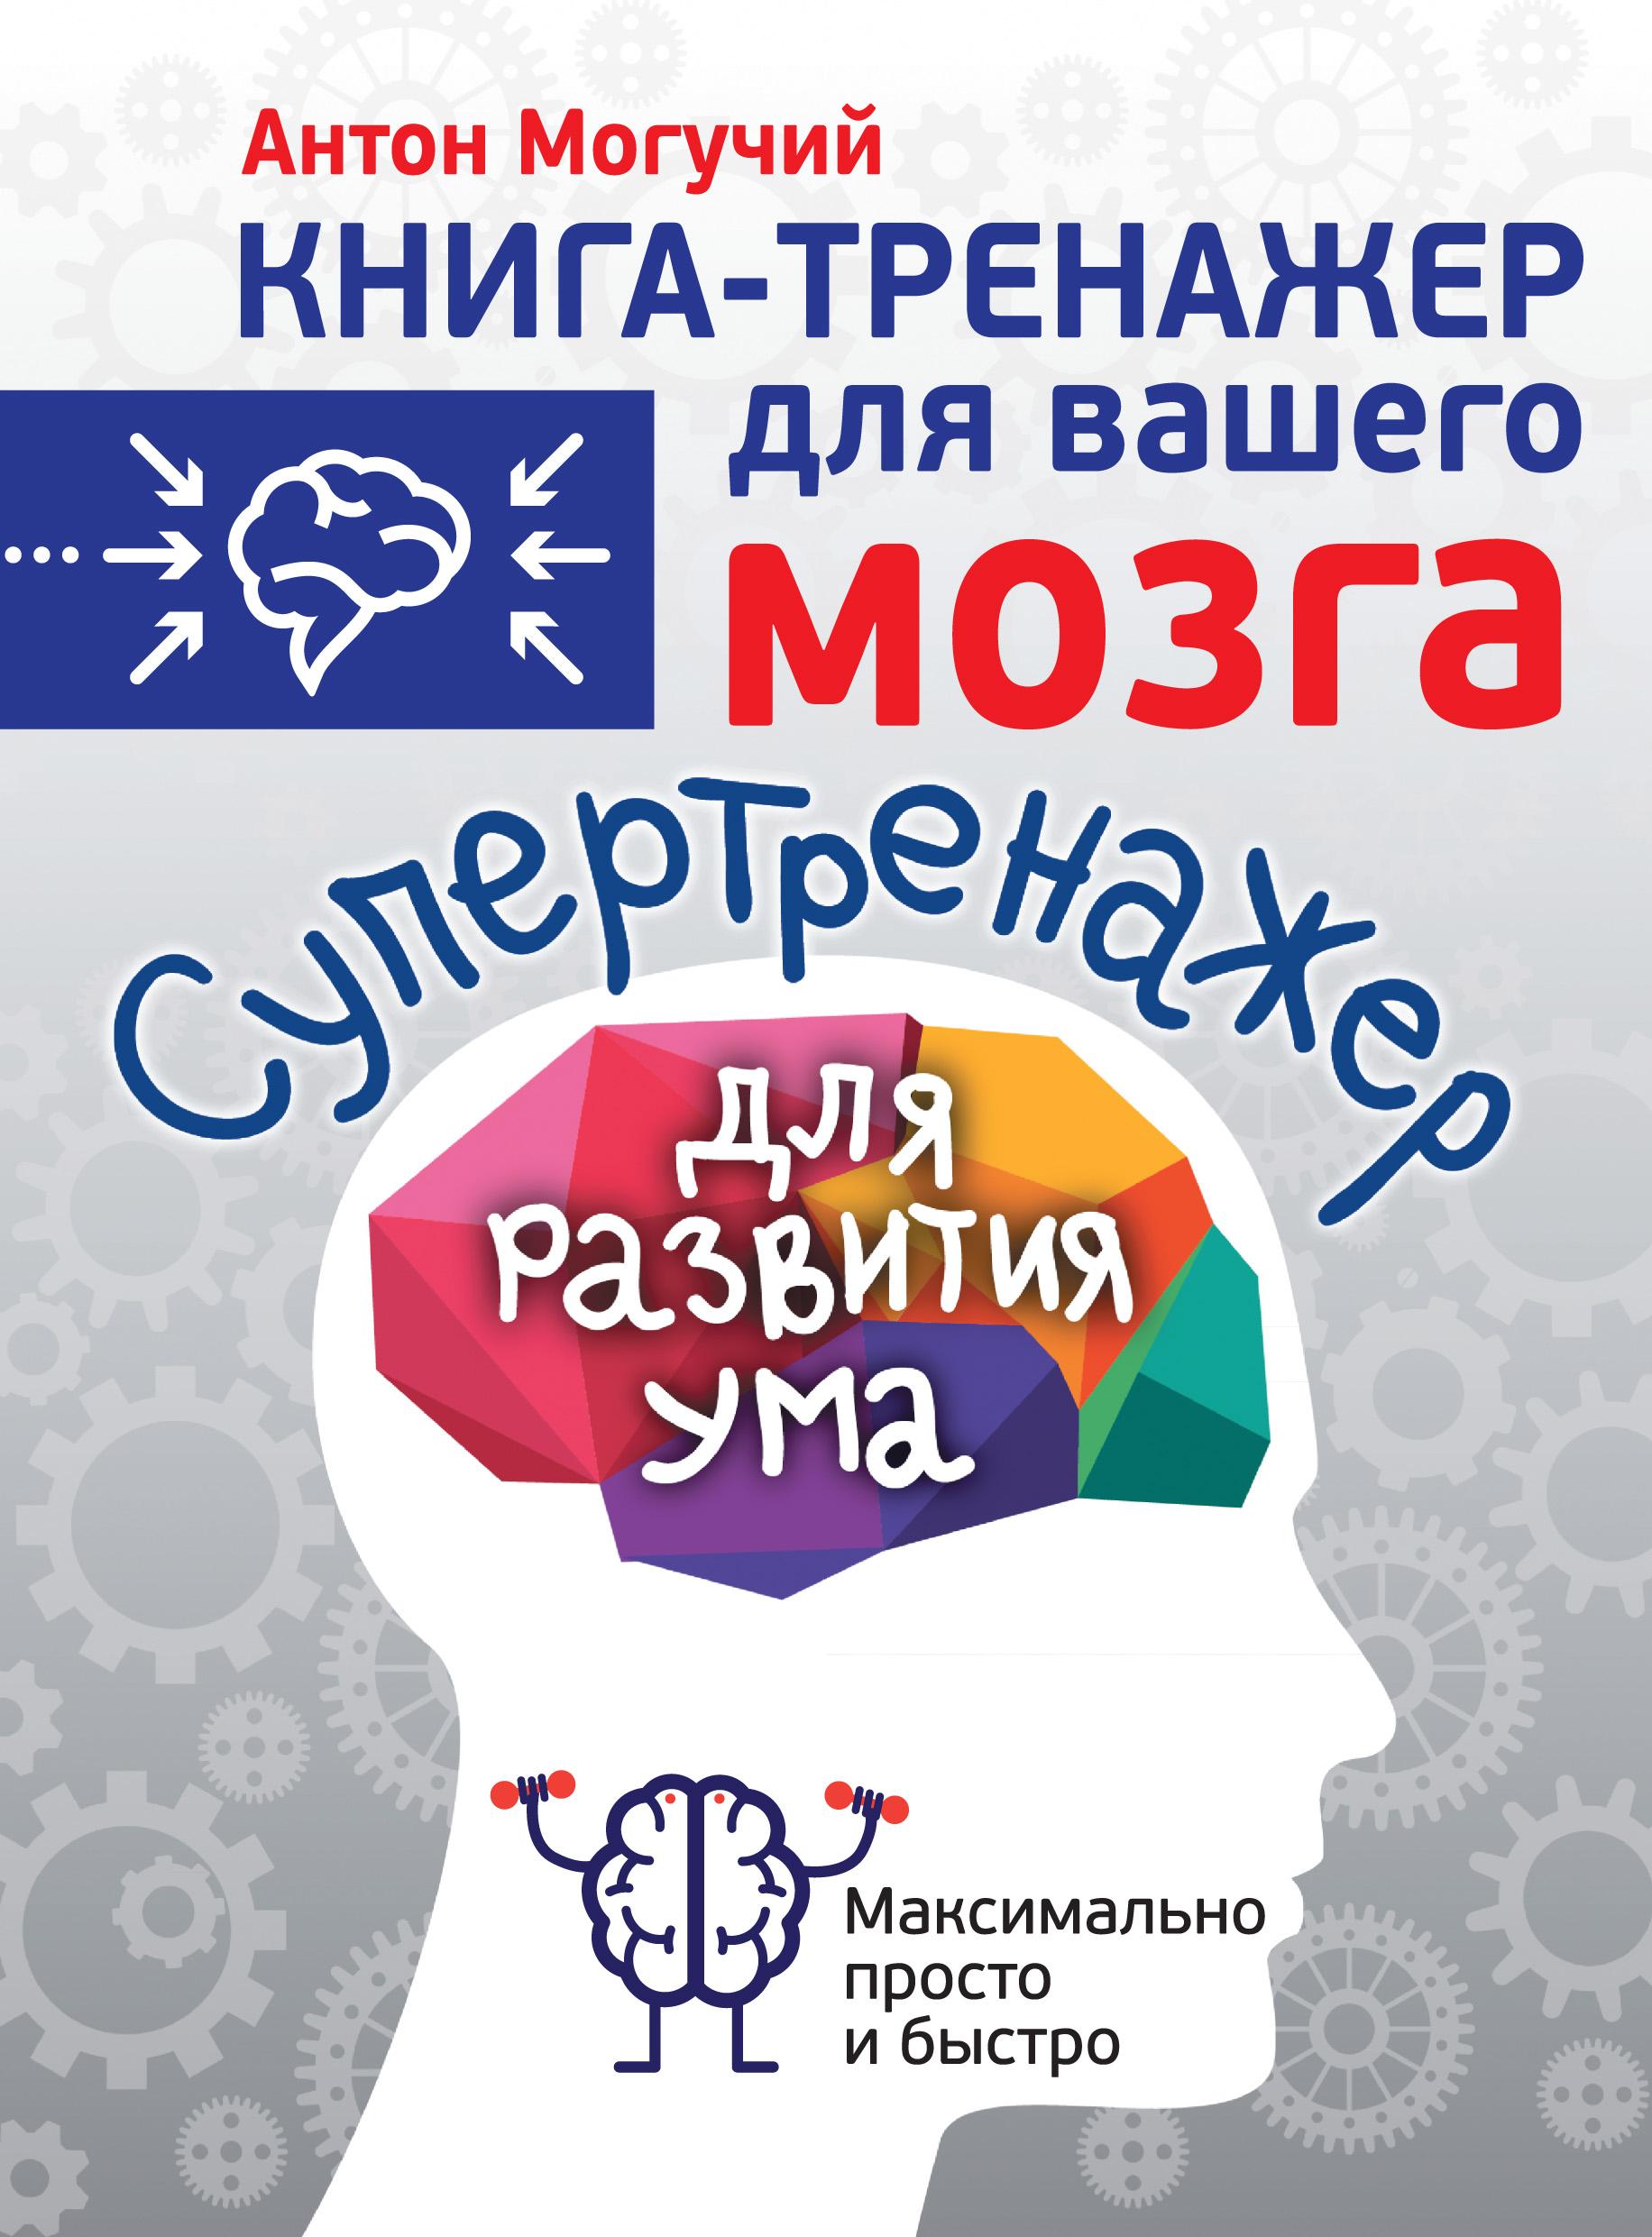 Антон Могучий Супертренажер для развития ума антон могучий супертренажер для развития ума